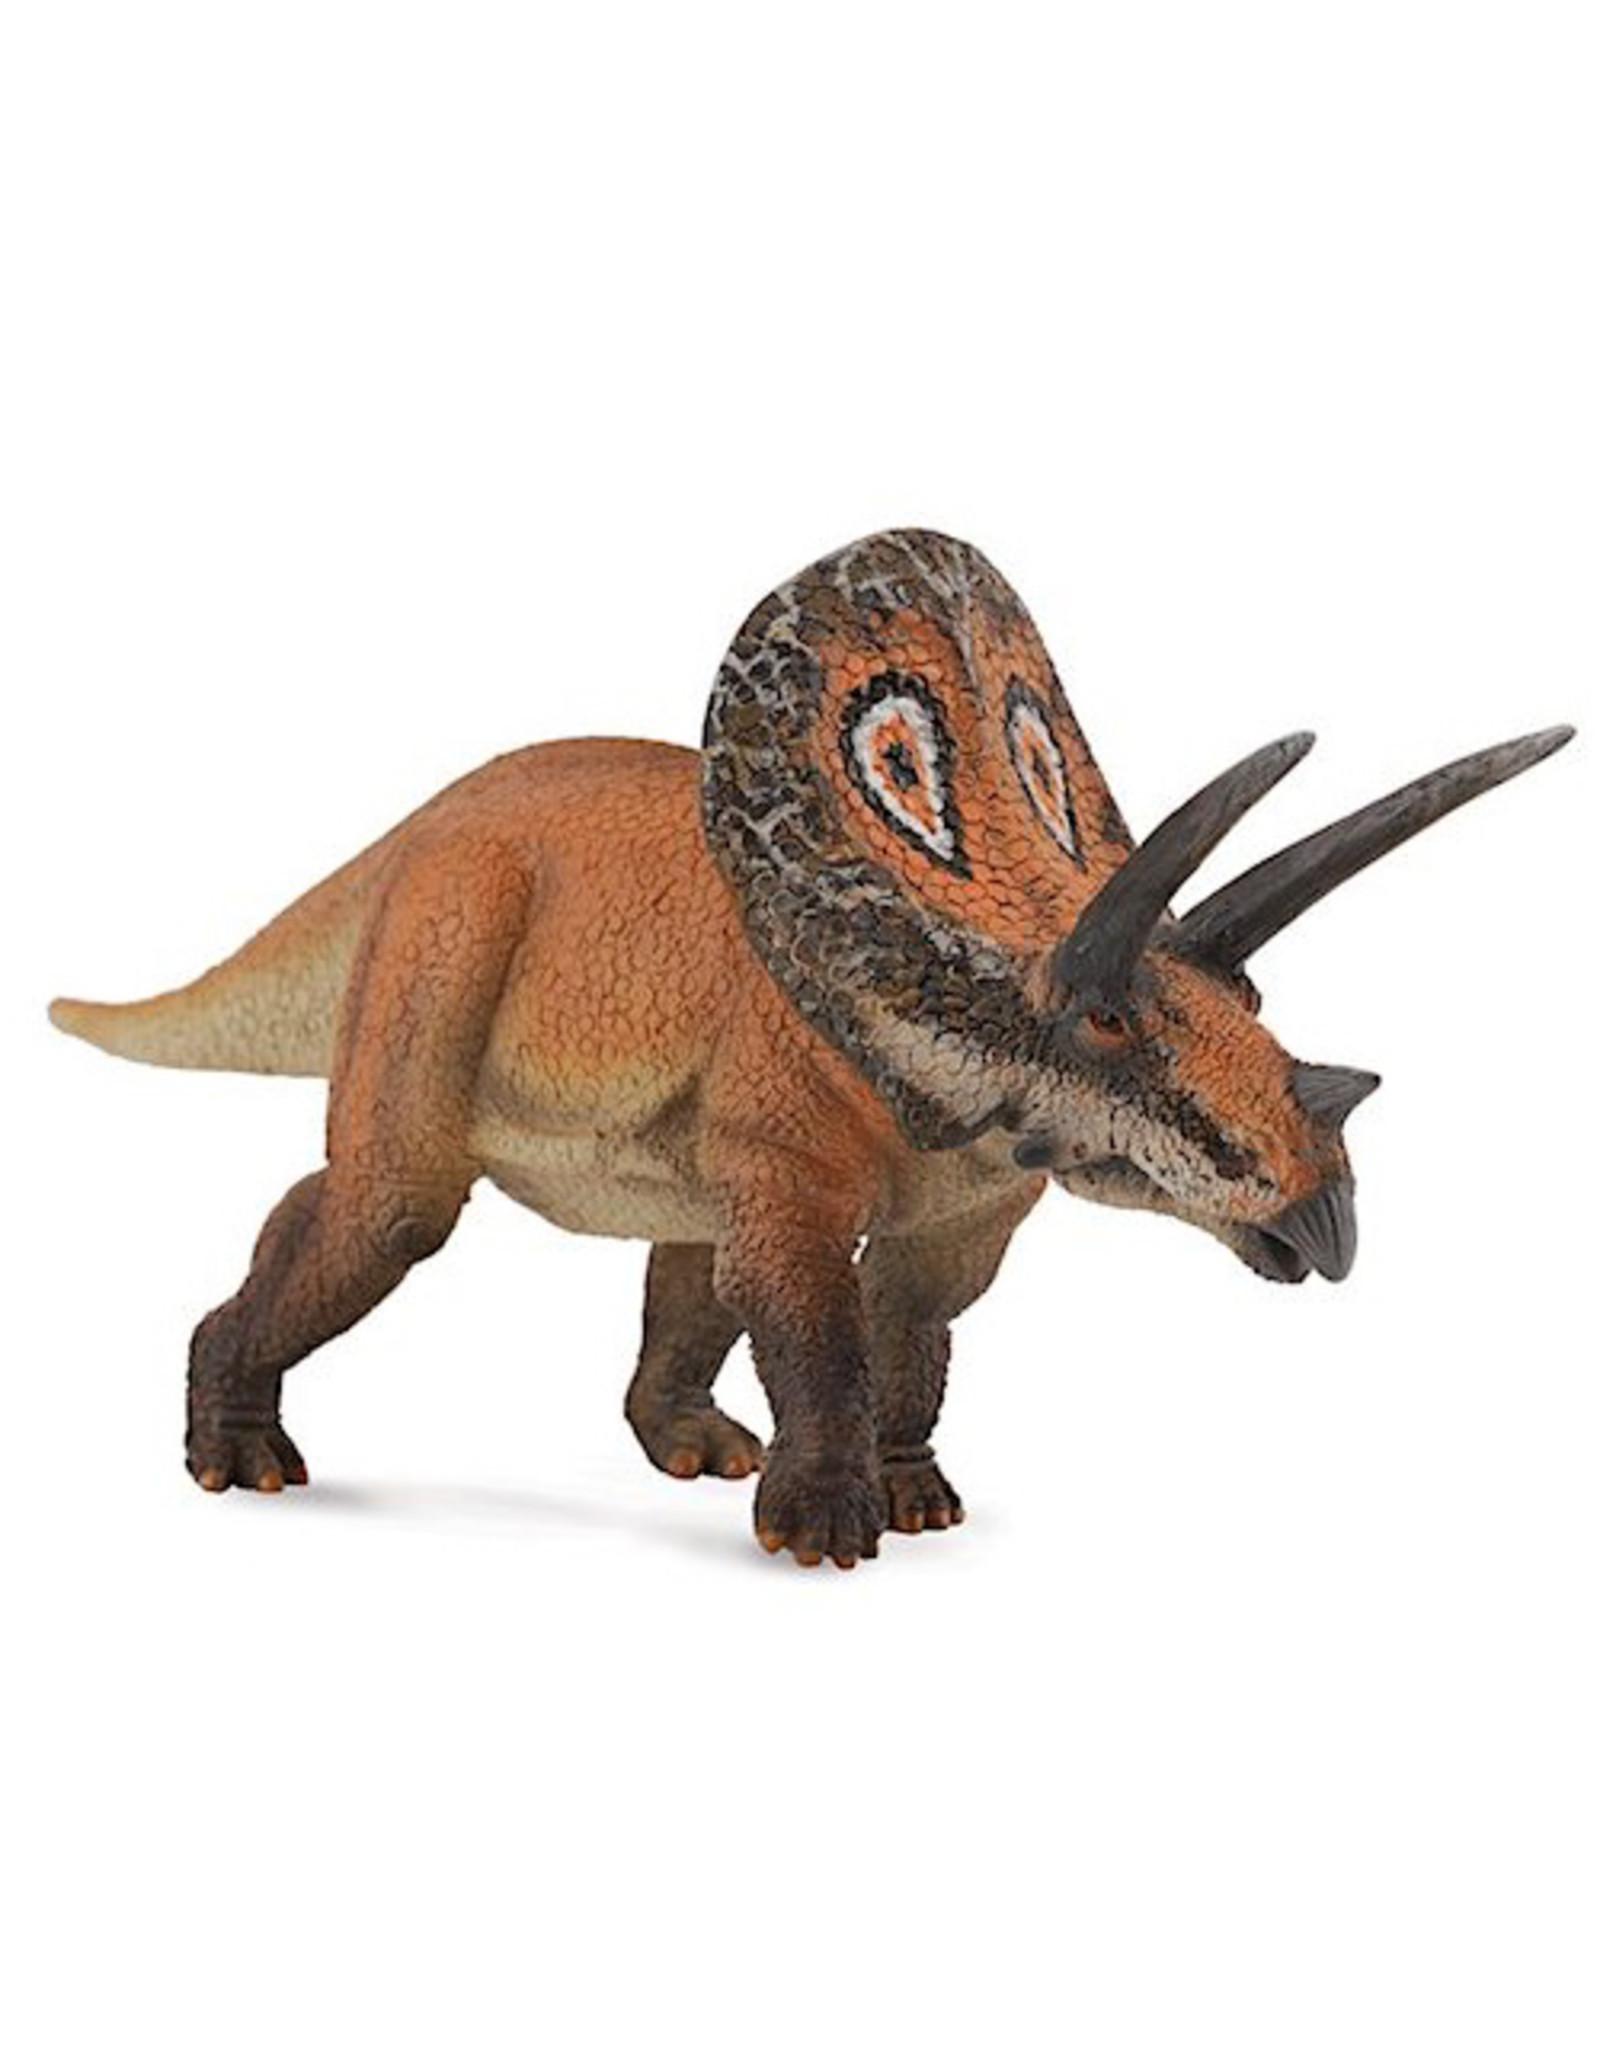 Breyer Breyer Large Dino